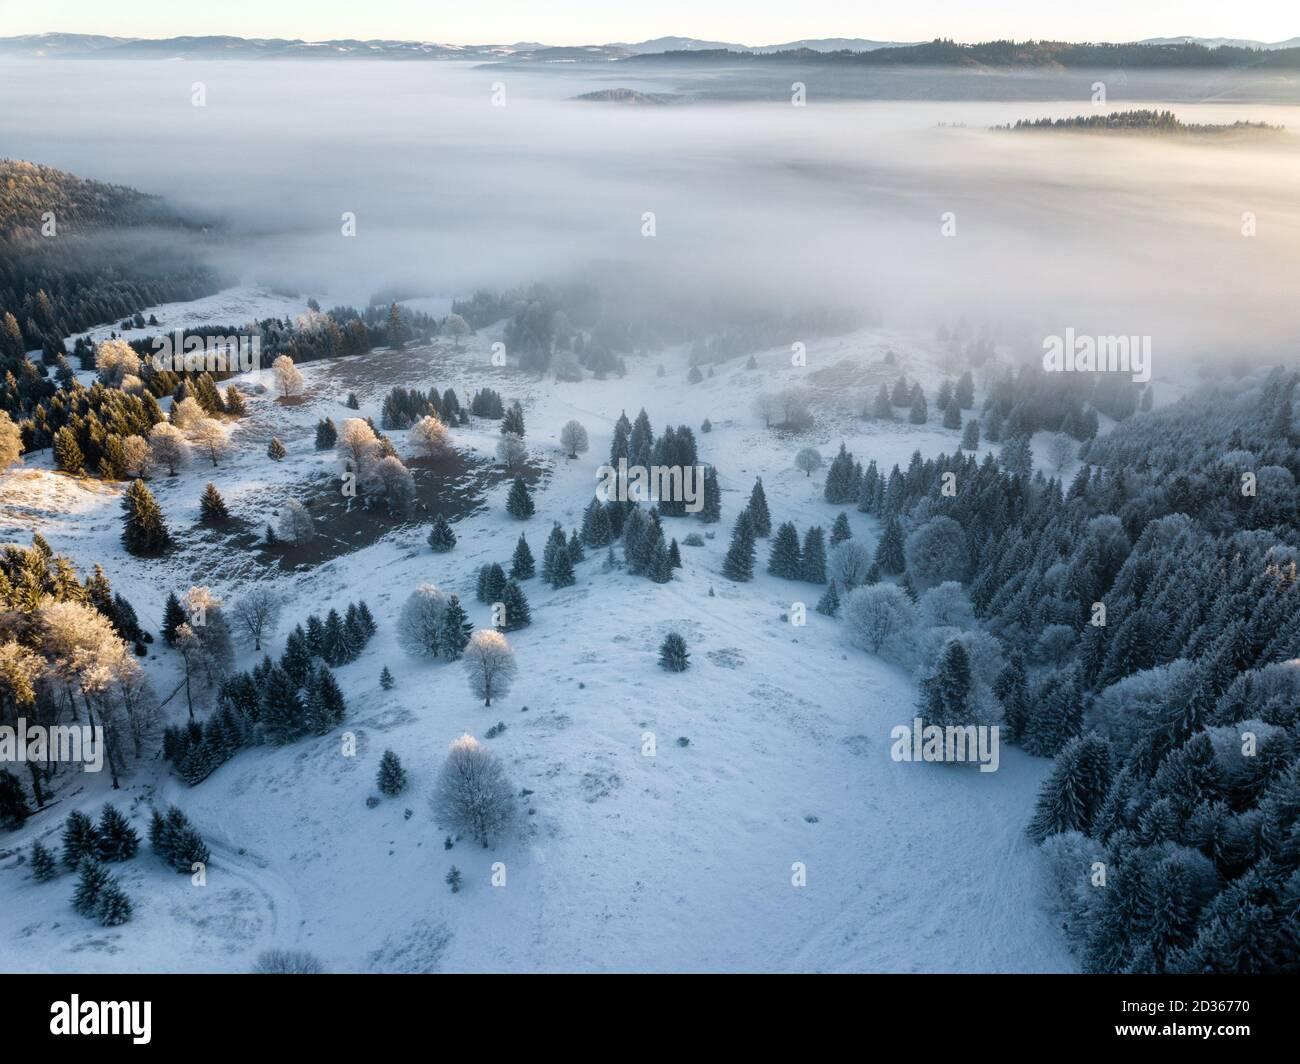 Árboles congelados cubiertos de nieve en el amanecer, capturados desde arriba con drones. Invierno naturaleza fondo. Transilvania, Rumania. Foto de stock